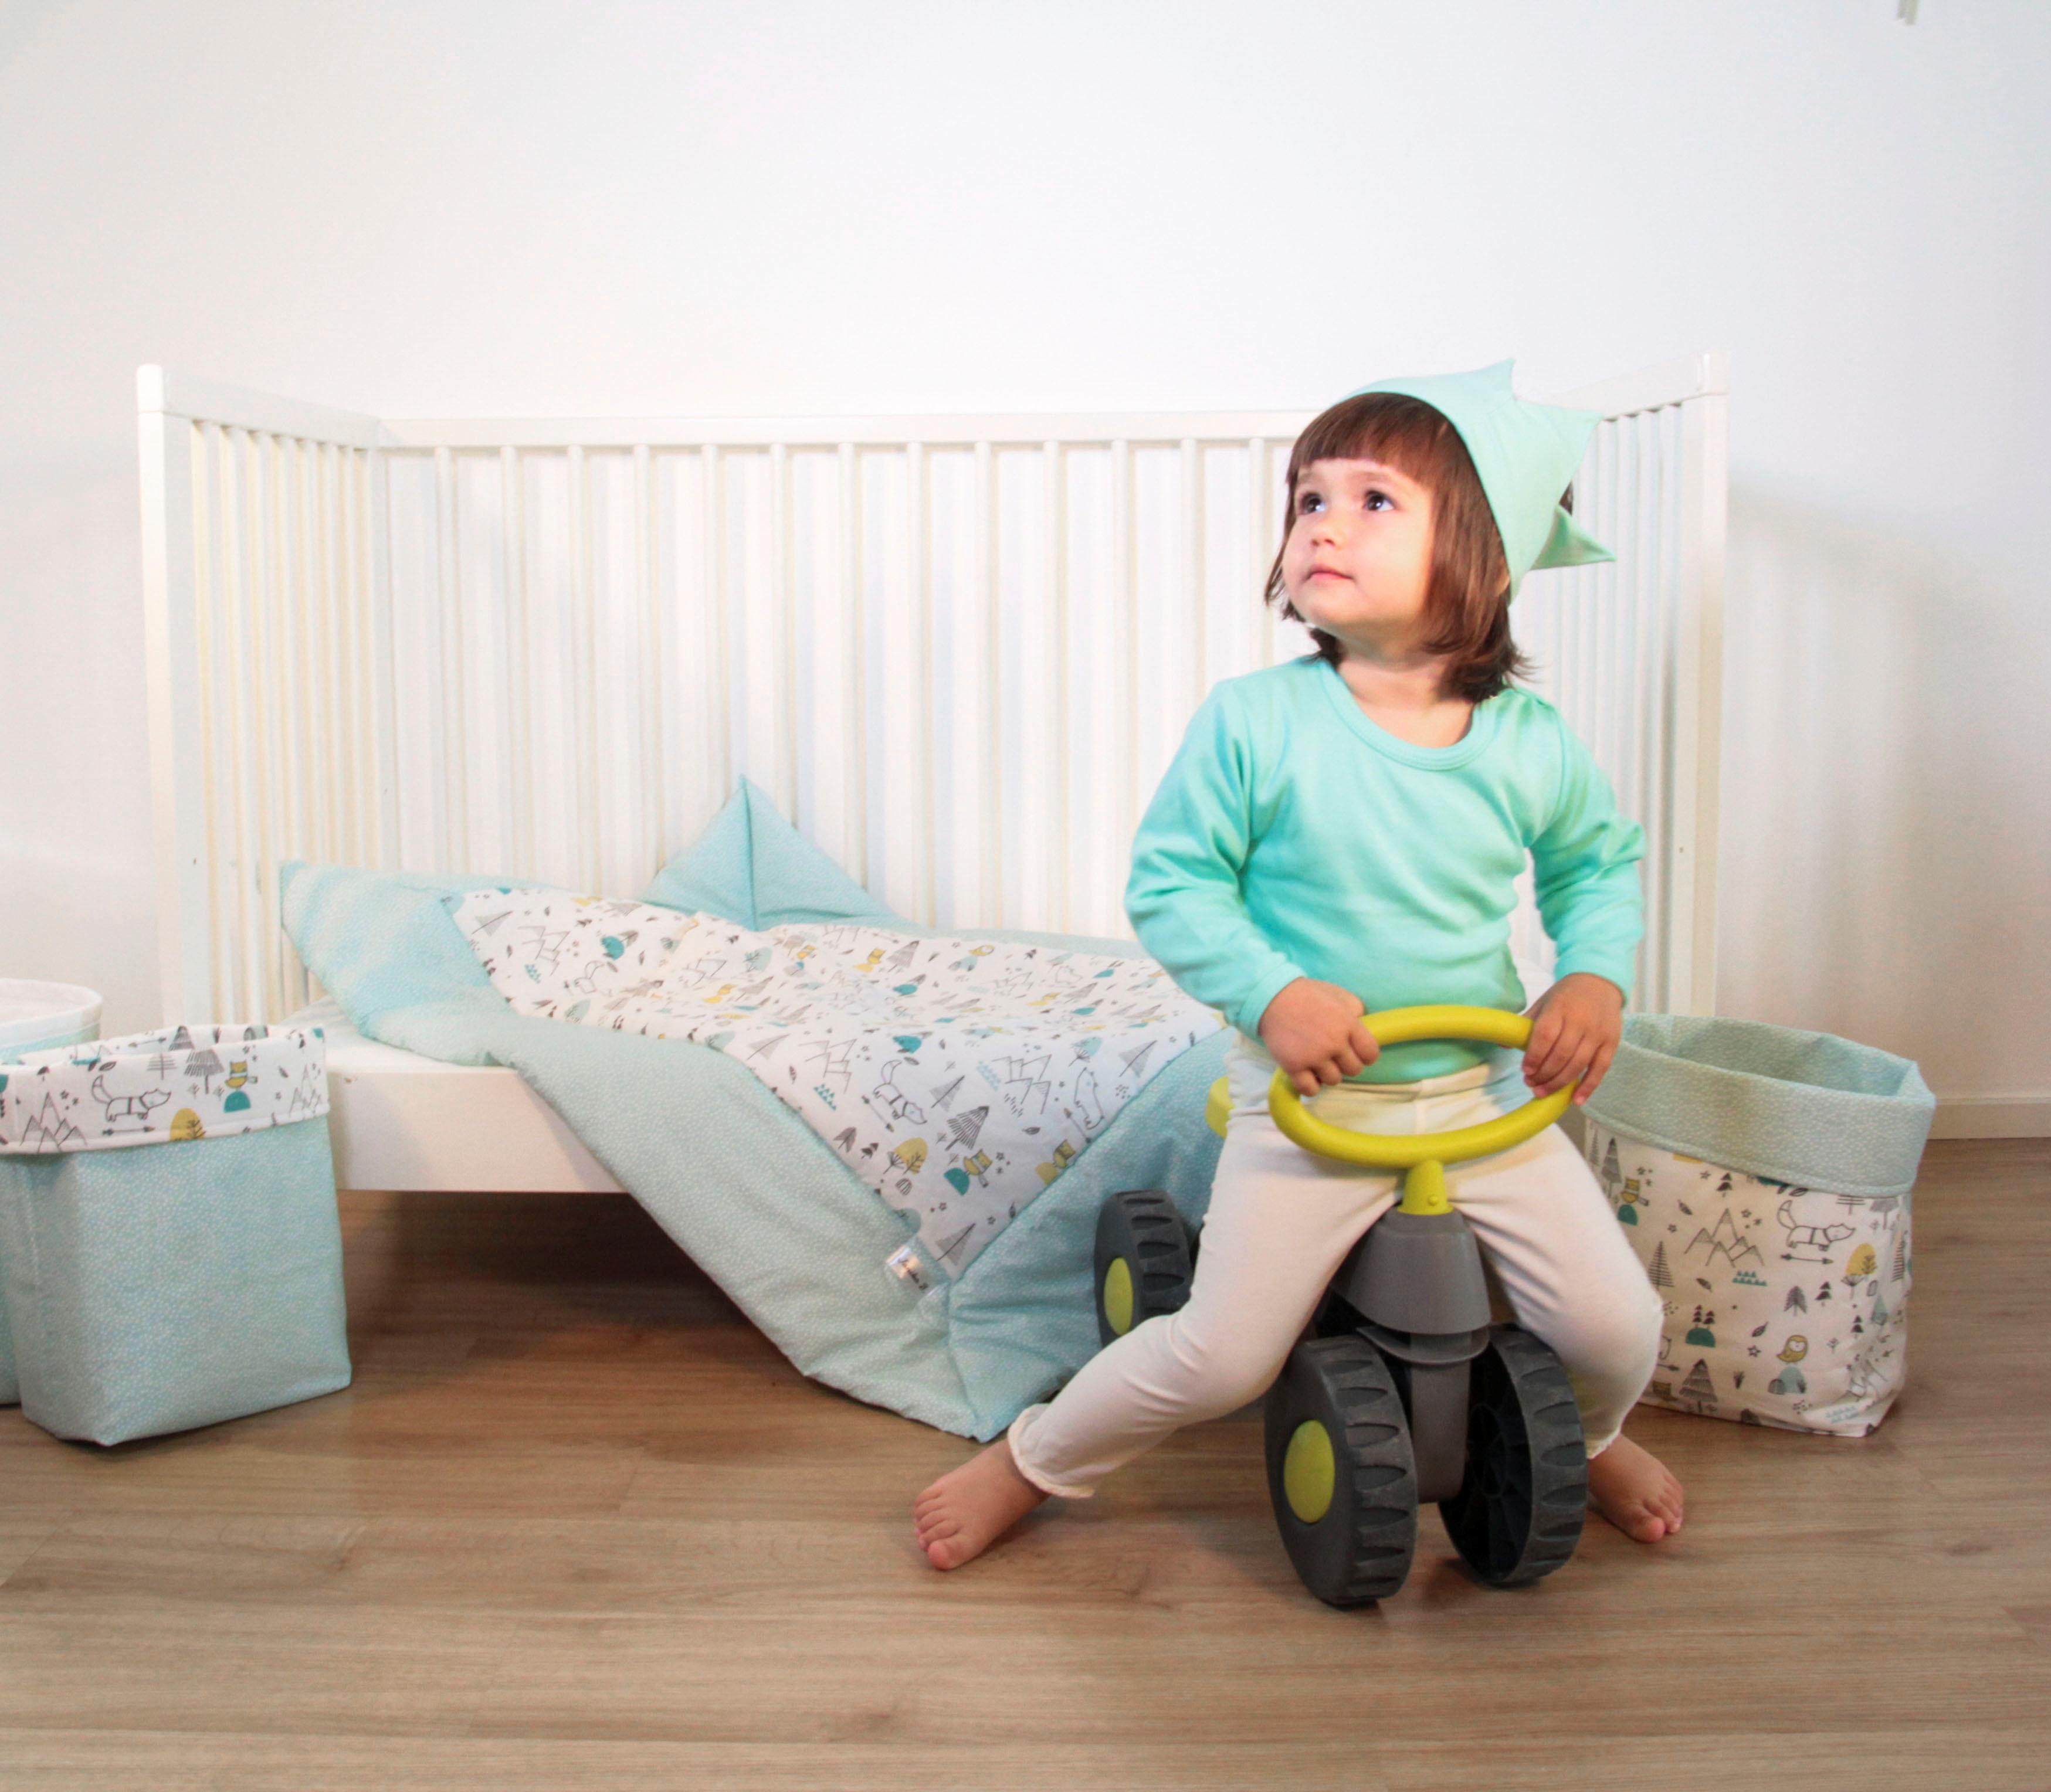 Dětský pokojíček, jak by měl vypadat?